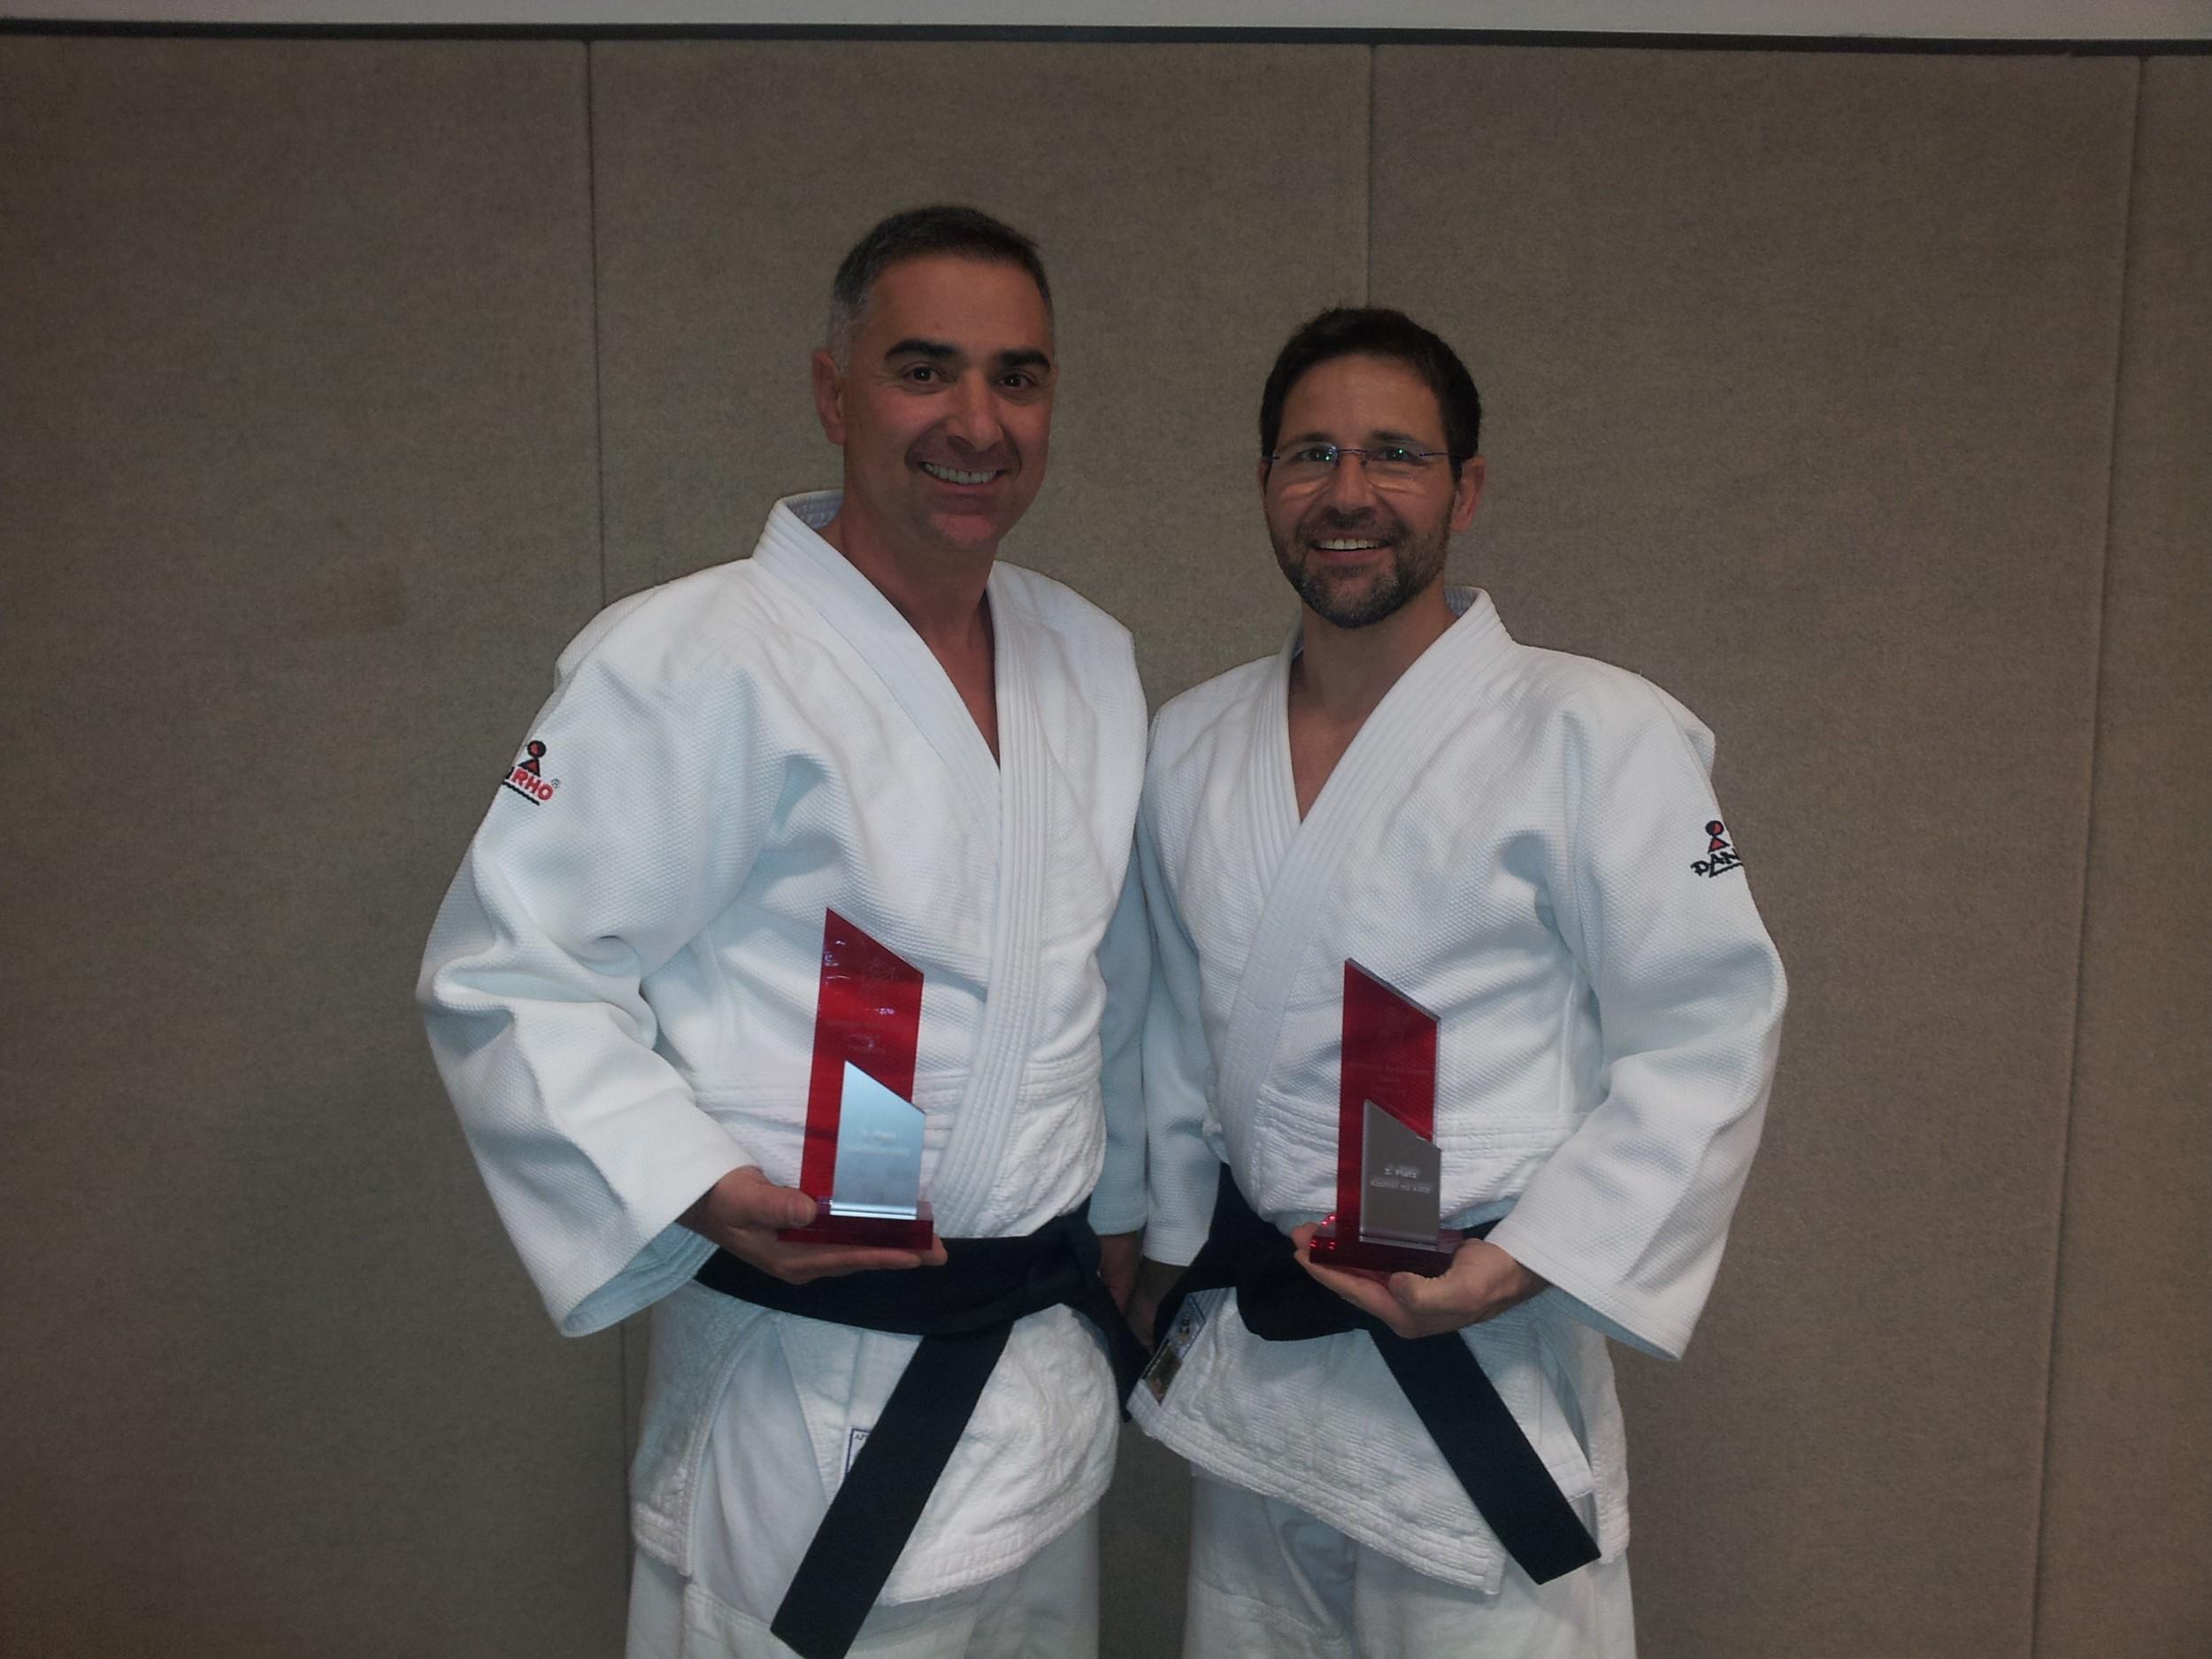 Erfolg bei den internationalen deutschen Judo Kata-Meisterschaften